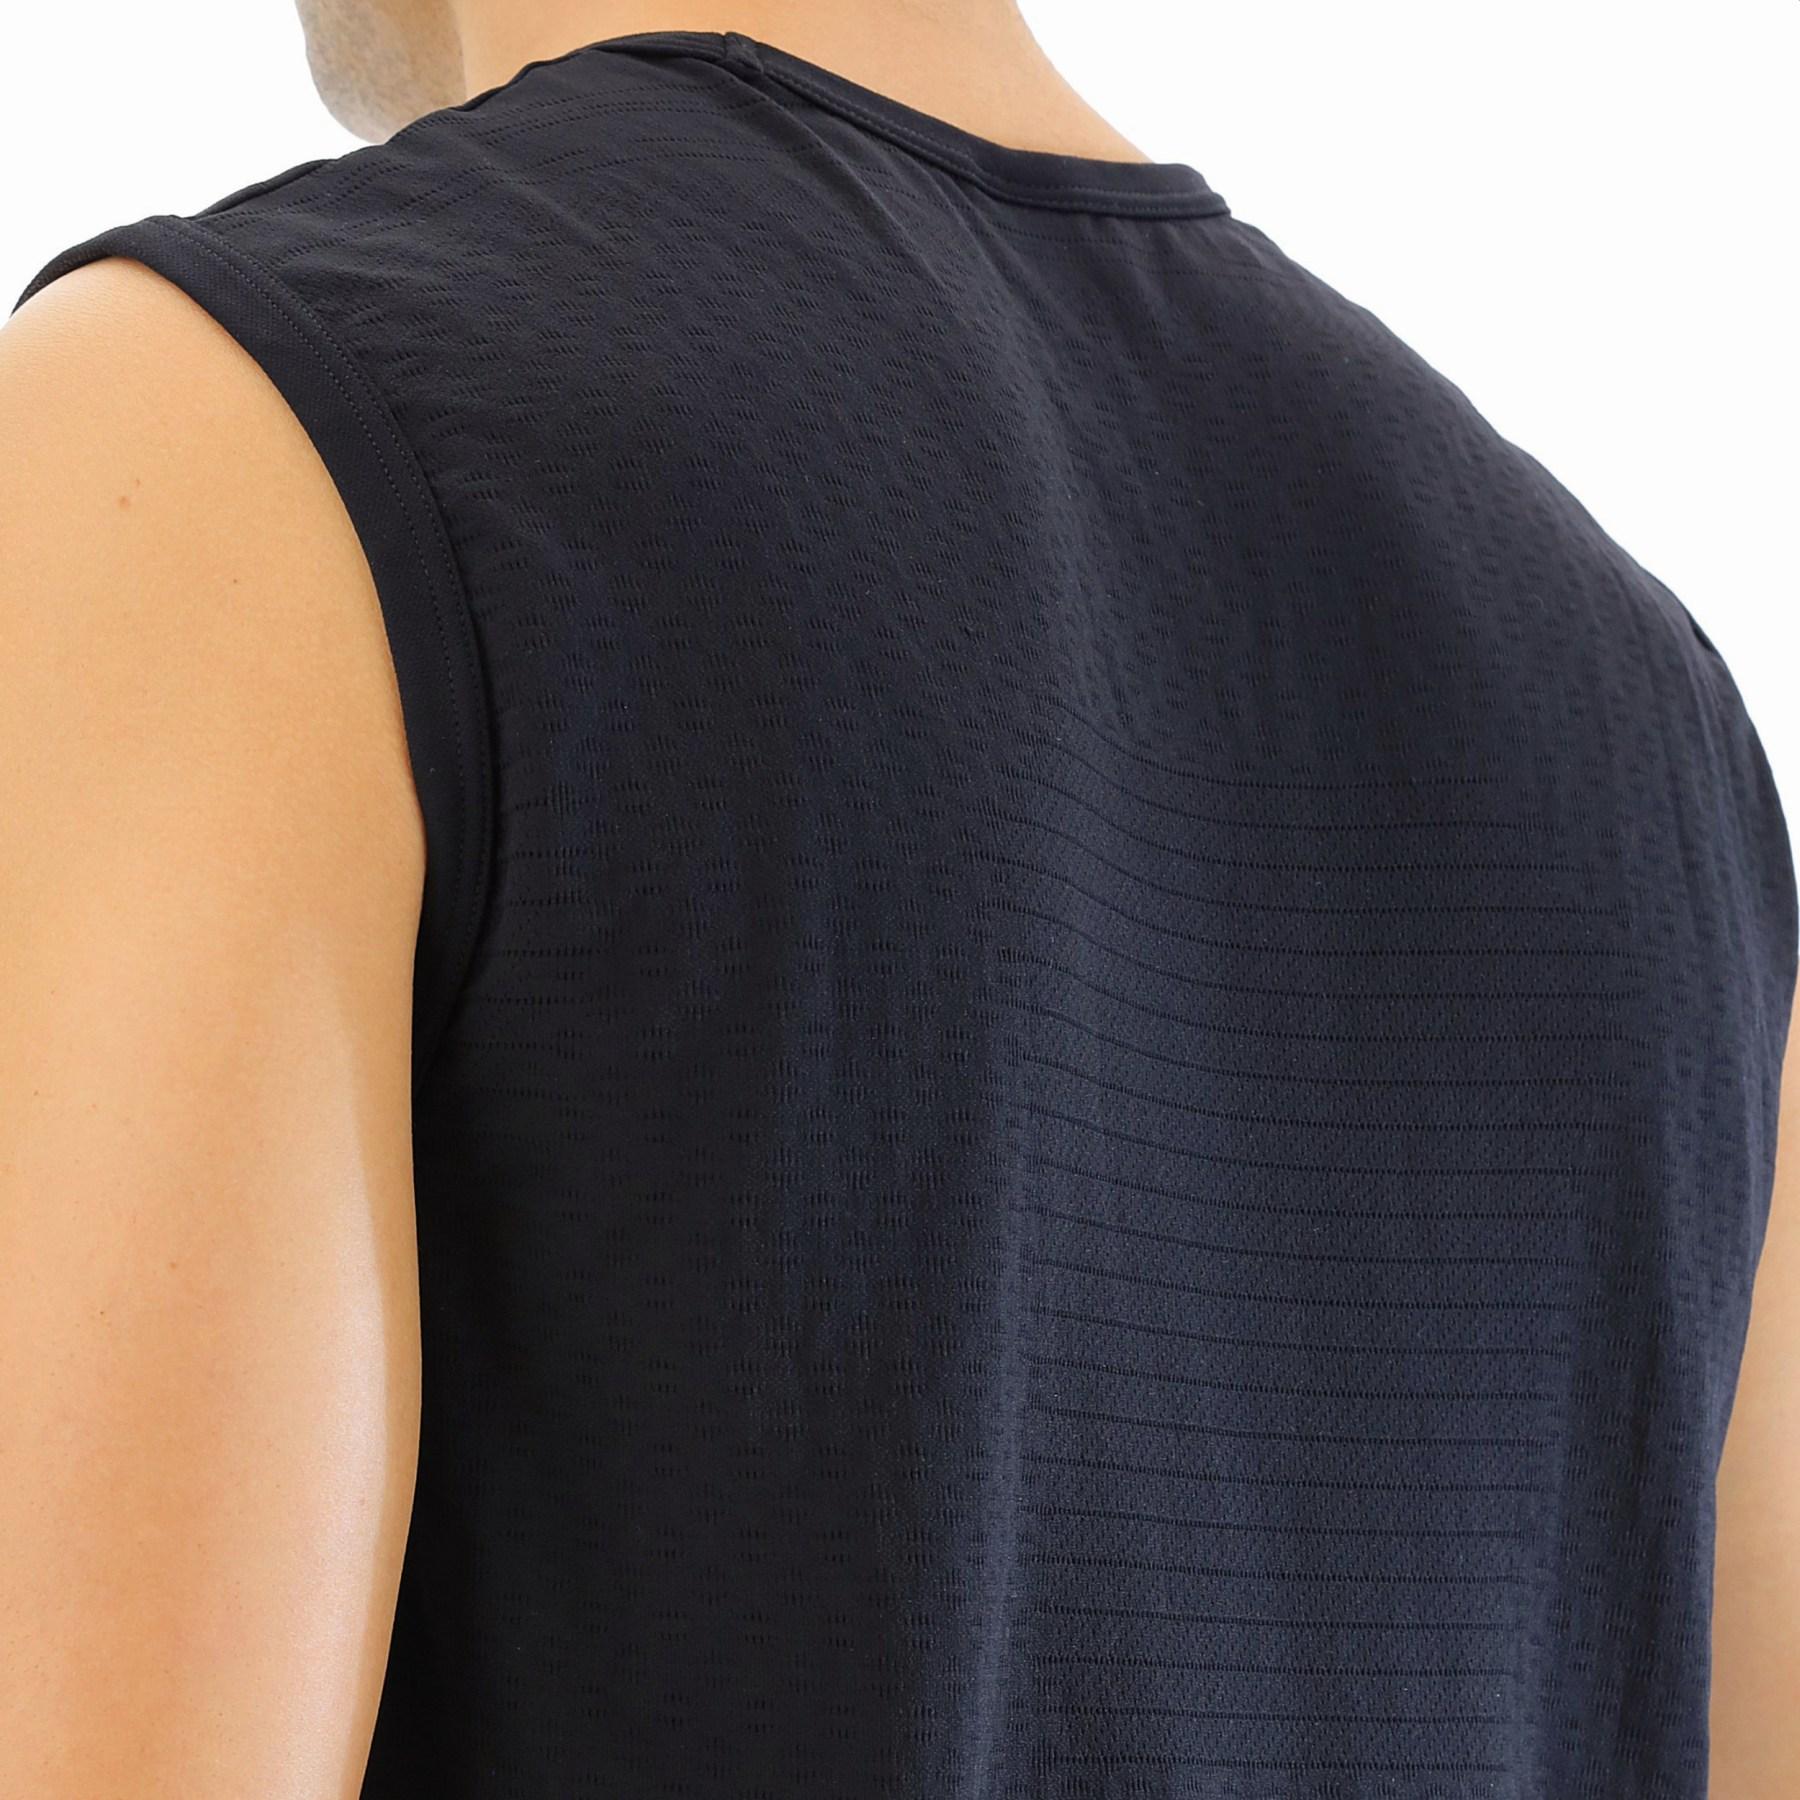 Bild von UYN Airstream Herren Laufen Ärmelloses Shirt - Black